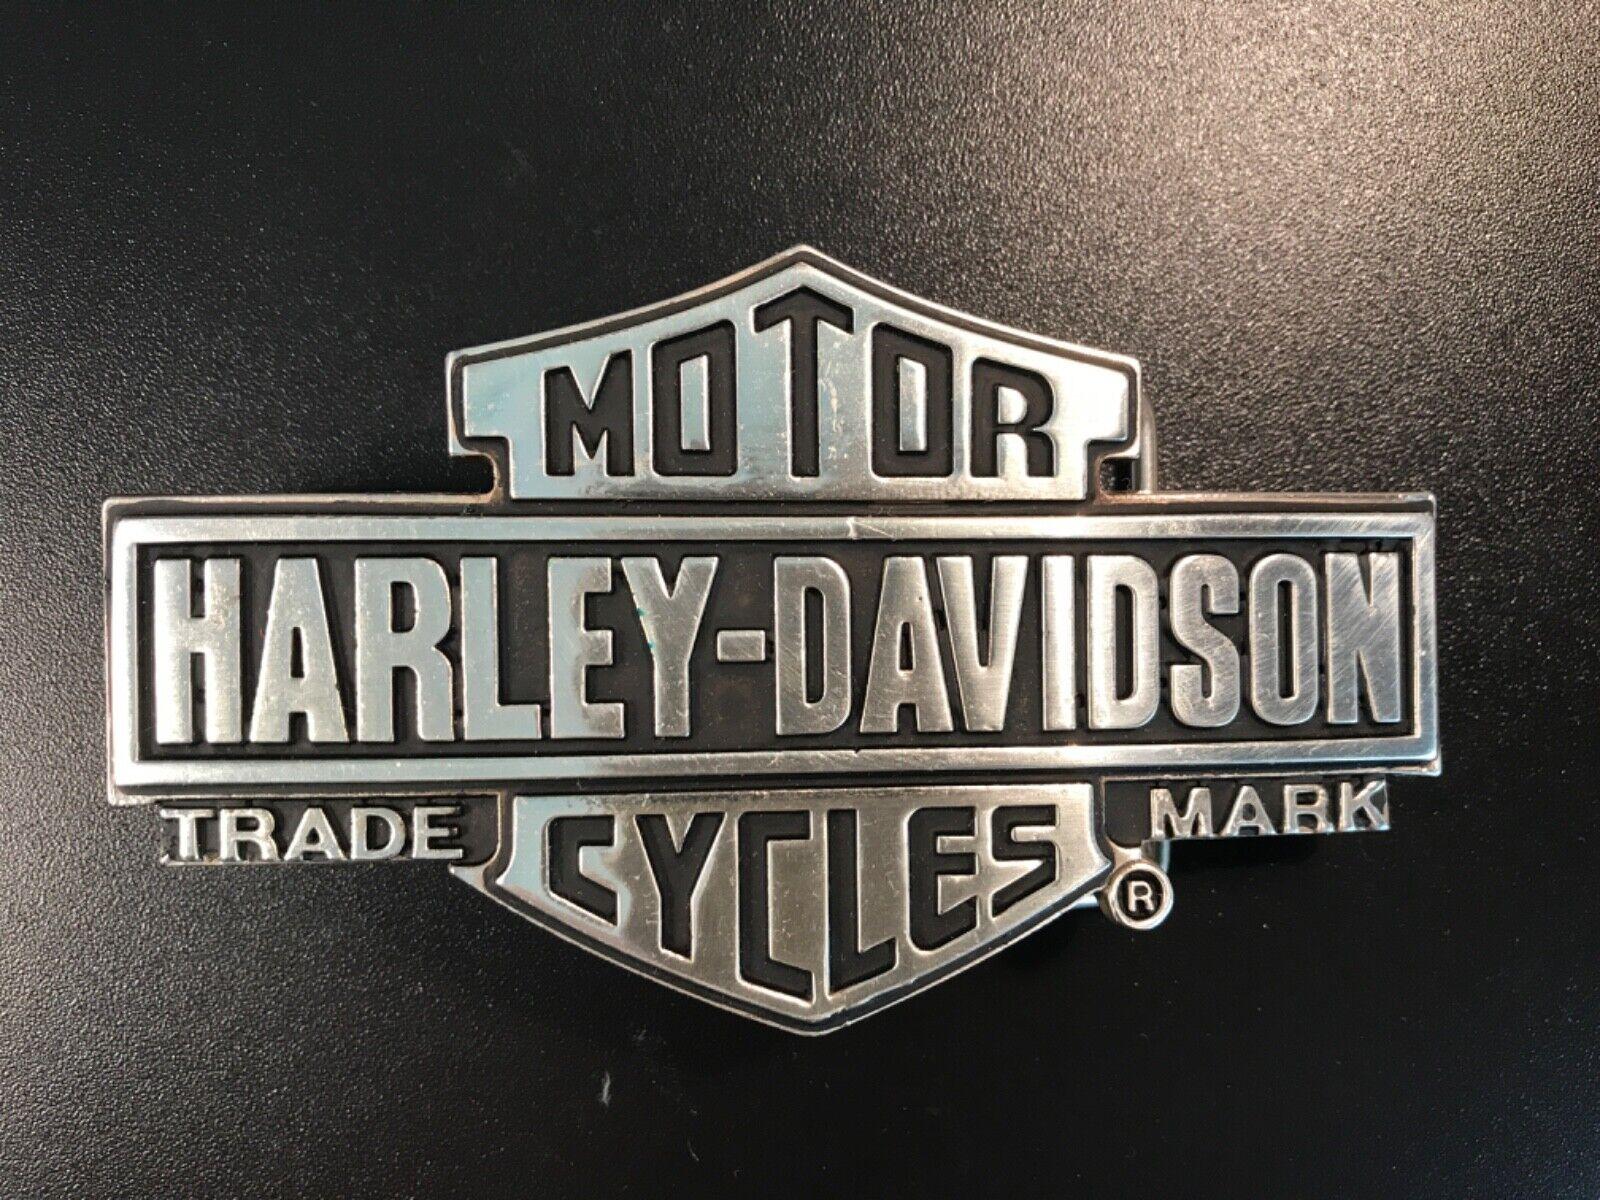 Harley-Davidson mens